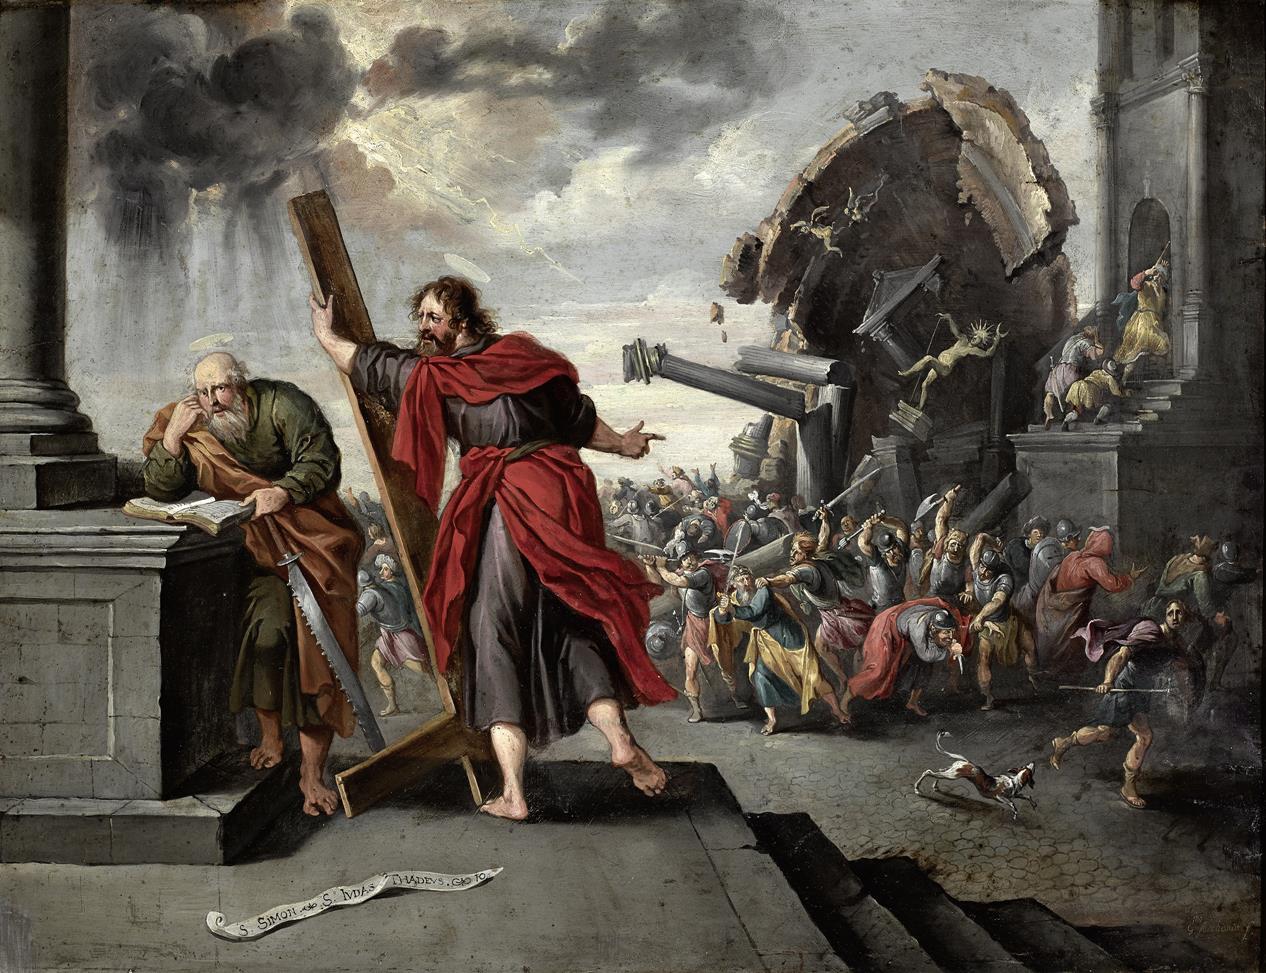 El martirio de san simón y san Judas Tadeo | Guillermo Forchondt